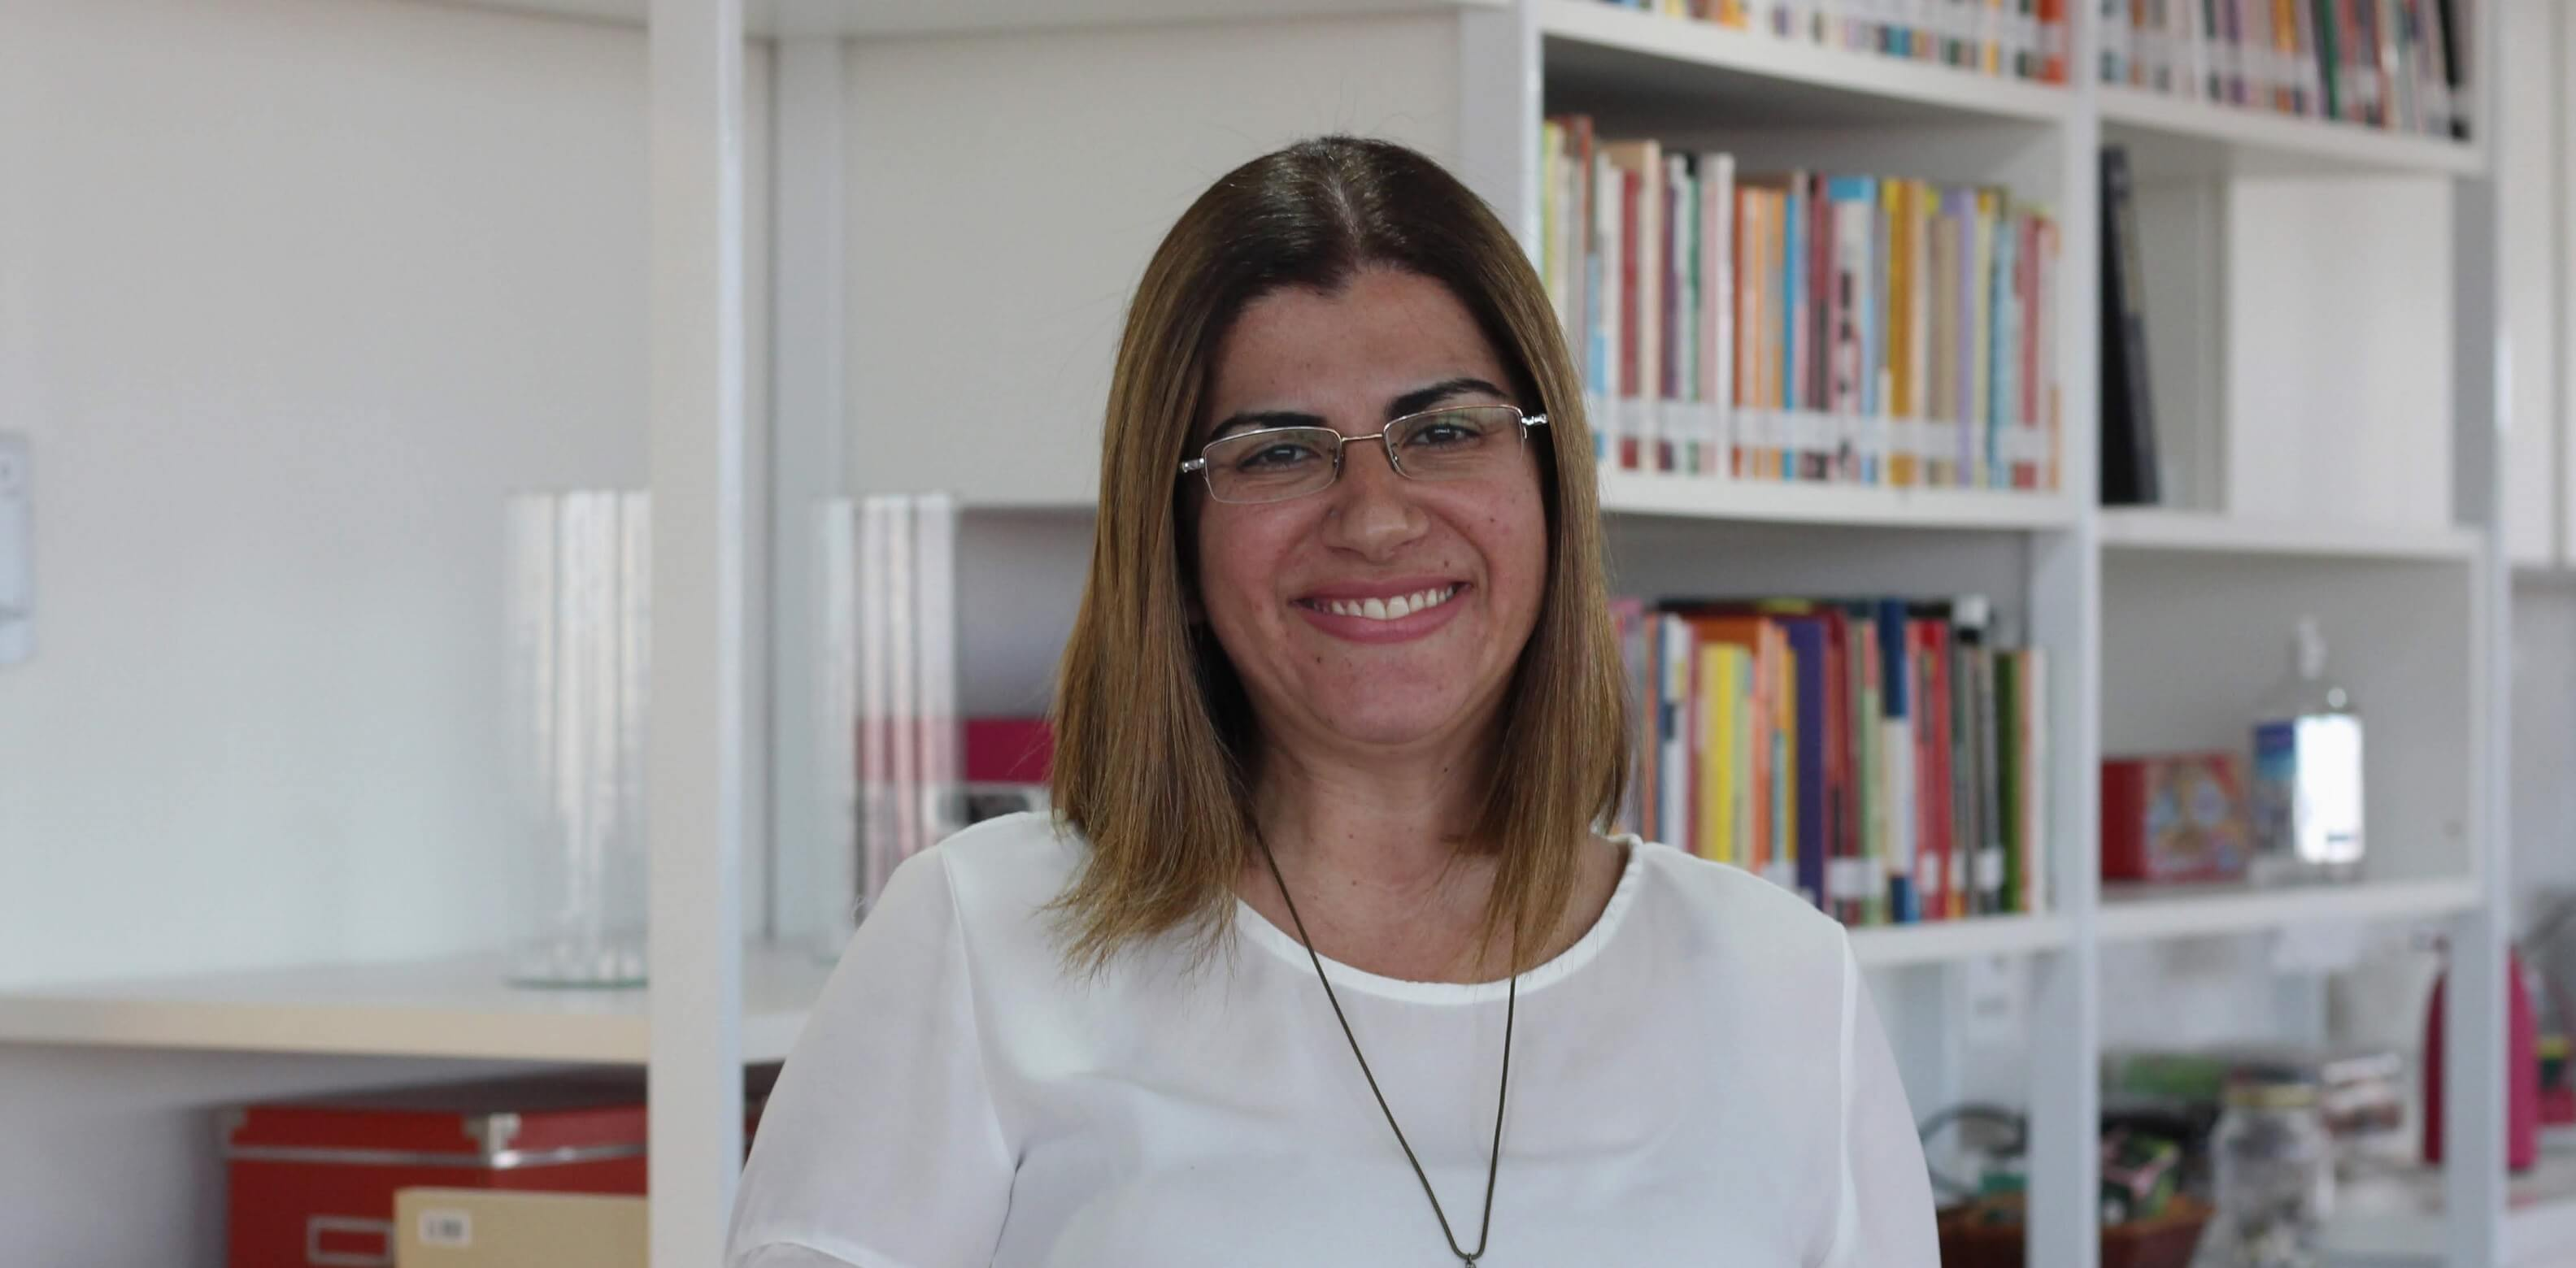 Professora Brasileira no Maior Prêmio de Educação do Mundo